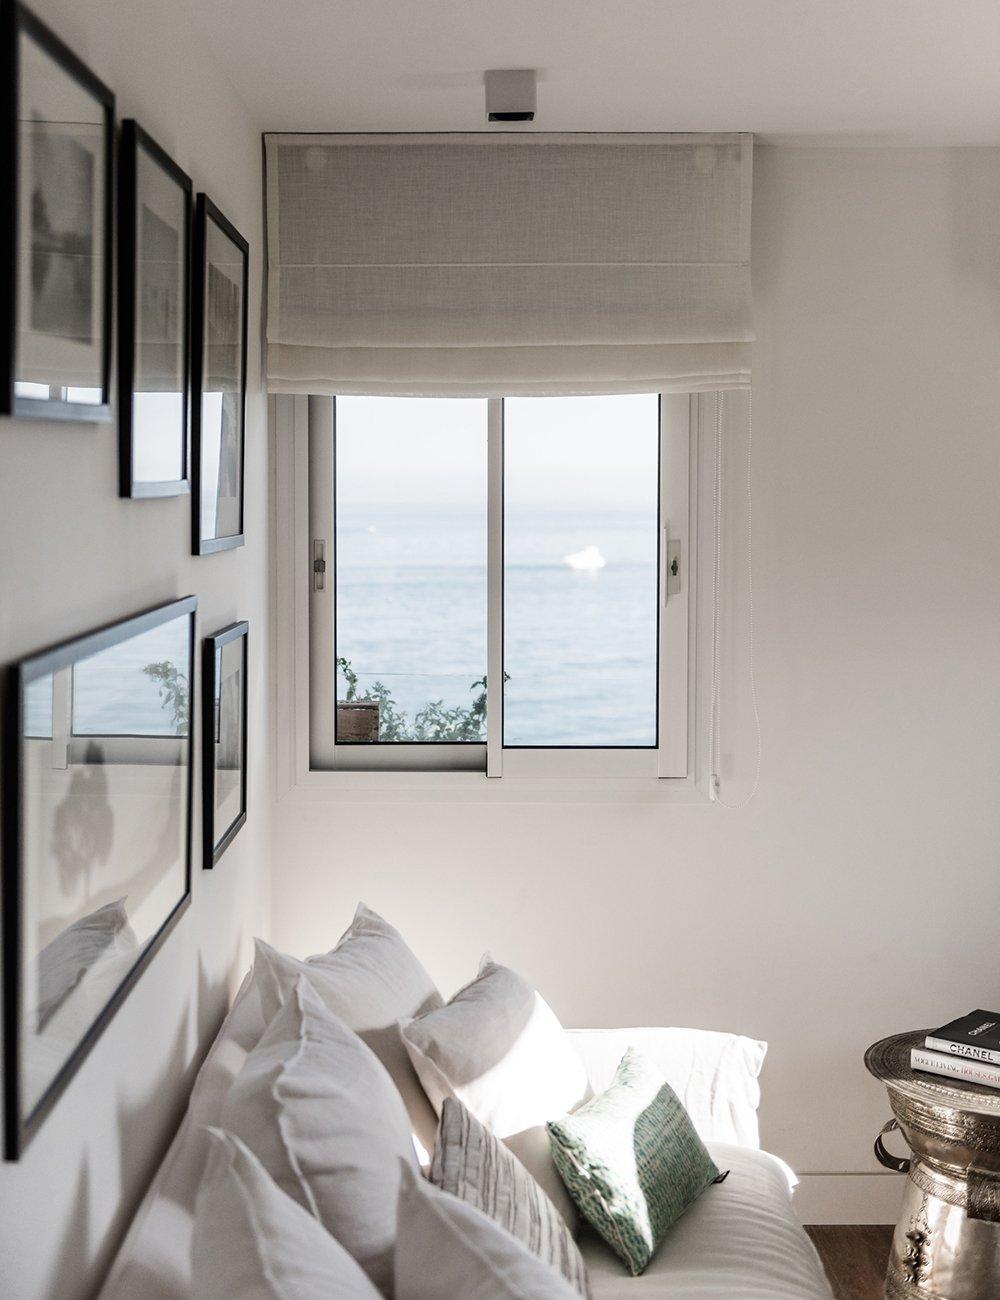 Marbel center marbella spain interior design in marbella - Clive christian marbella ...